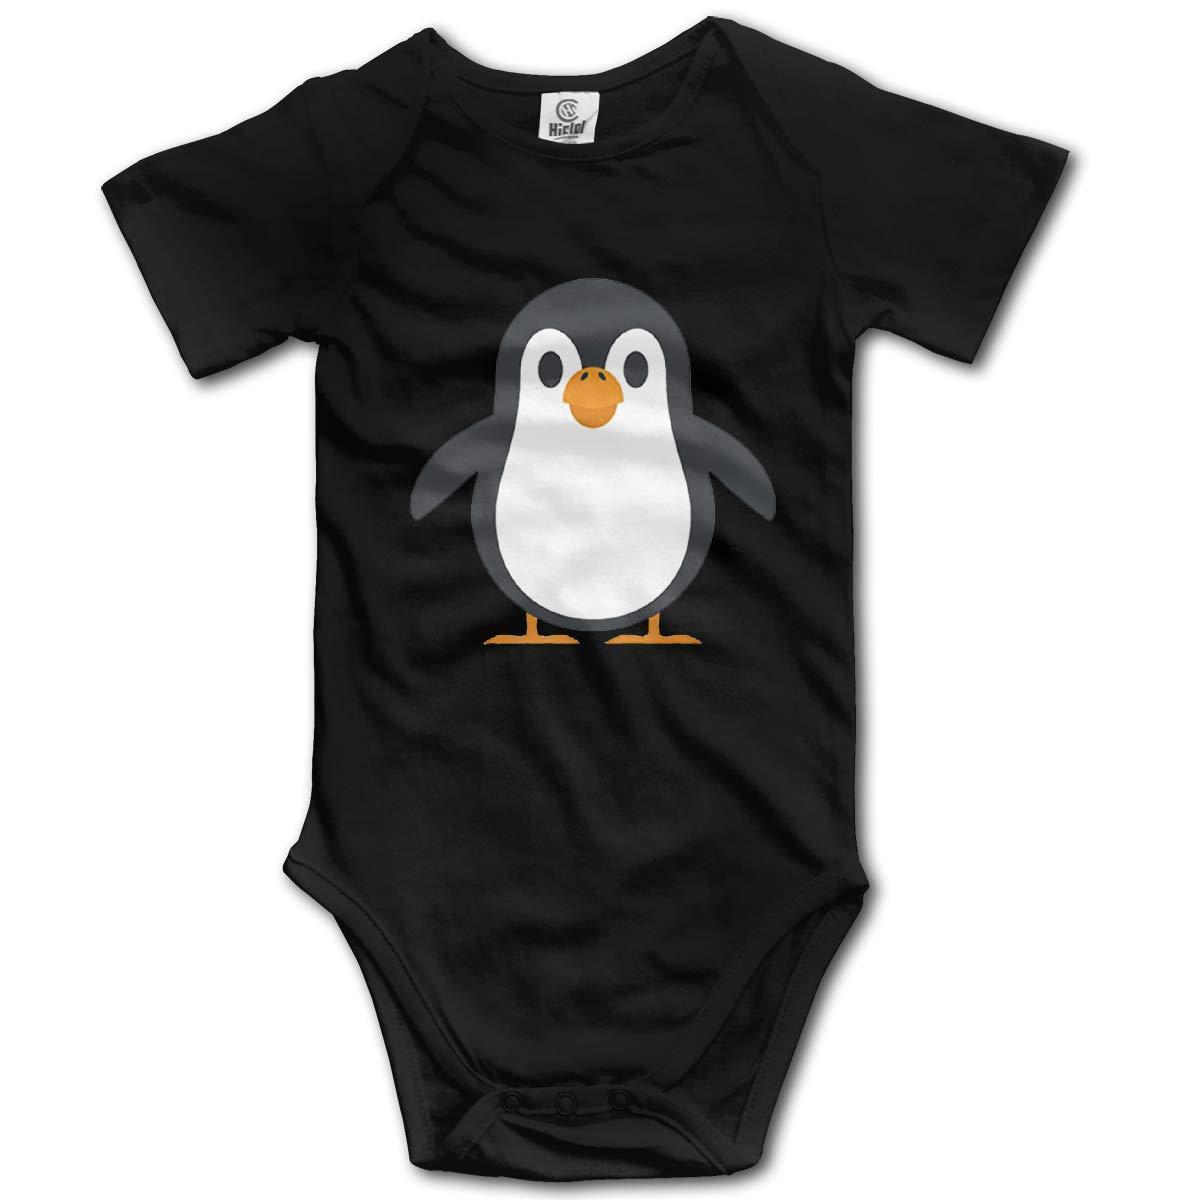 Cute Penguin Baby Girls Short Sleeve T-Shirt Help Shirt